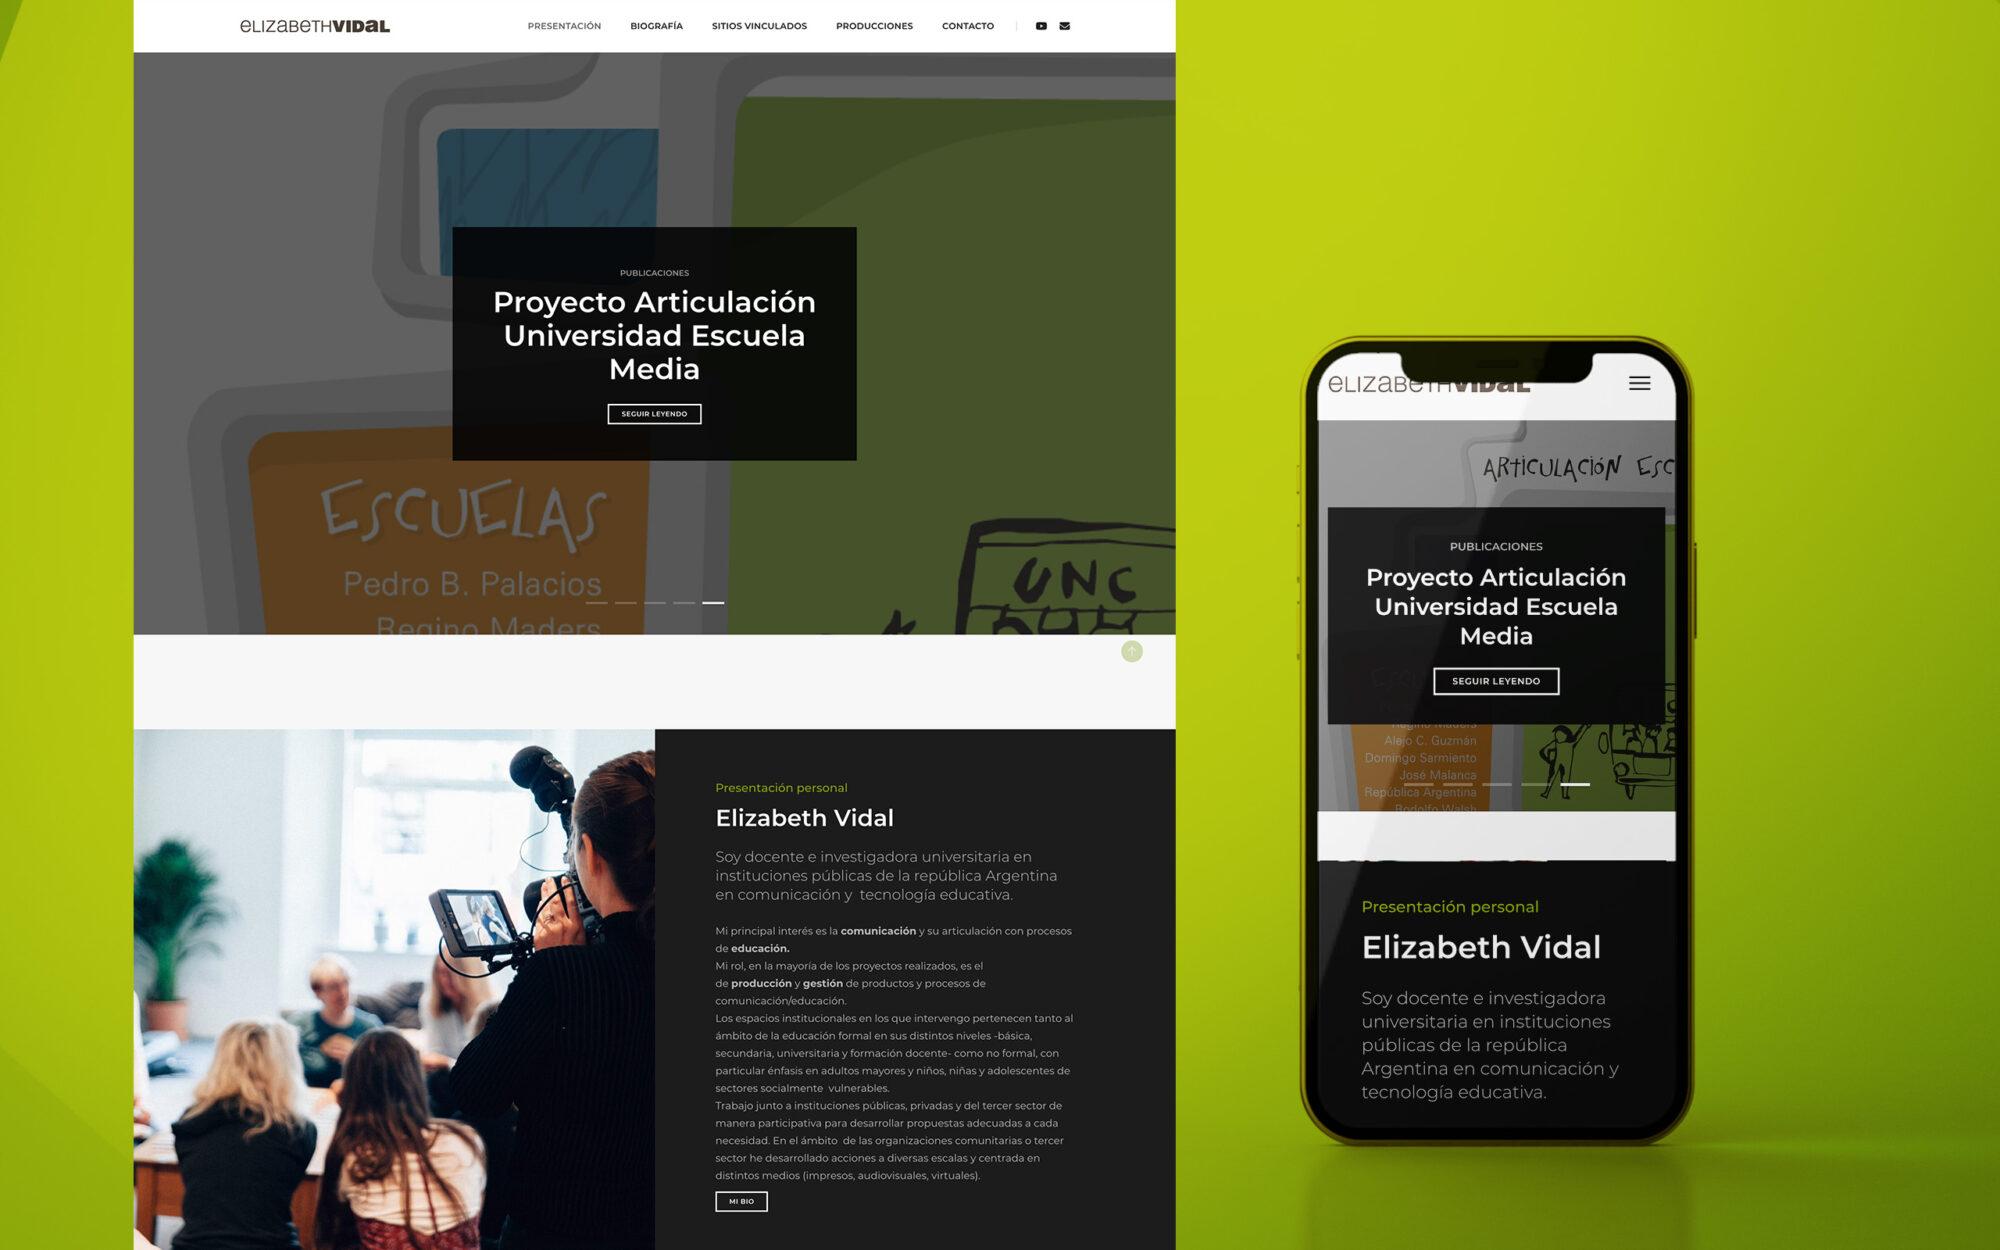 featured LIZ website